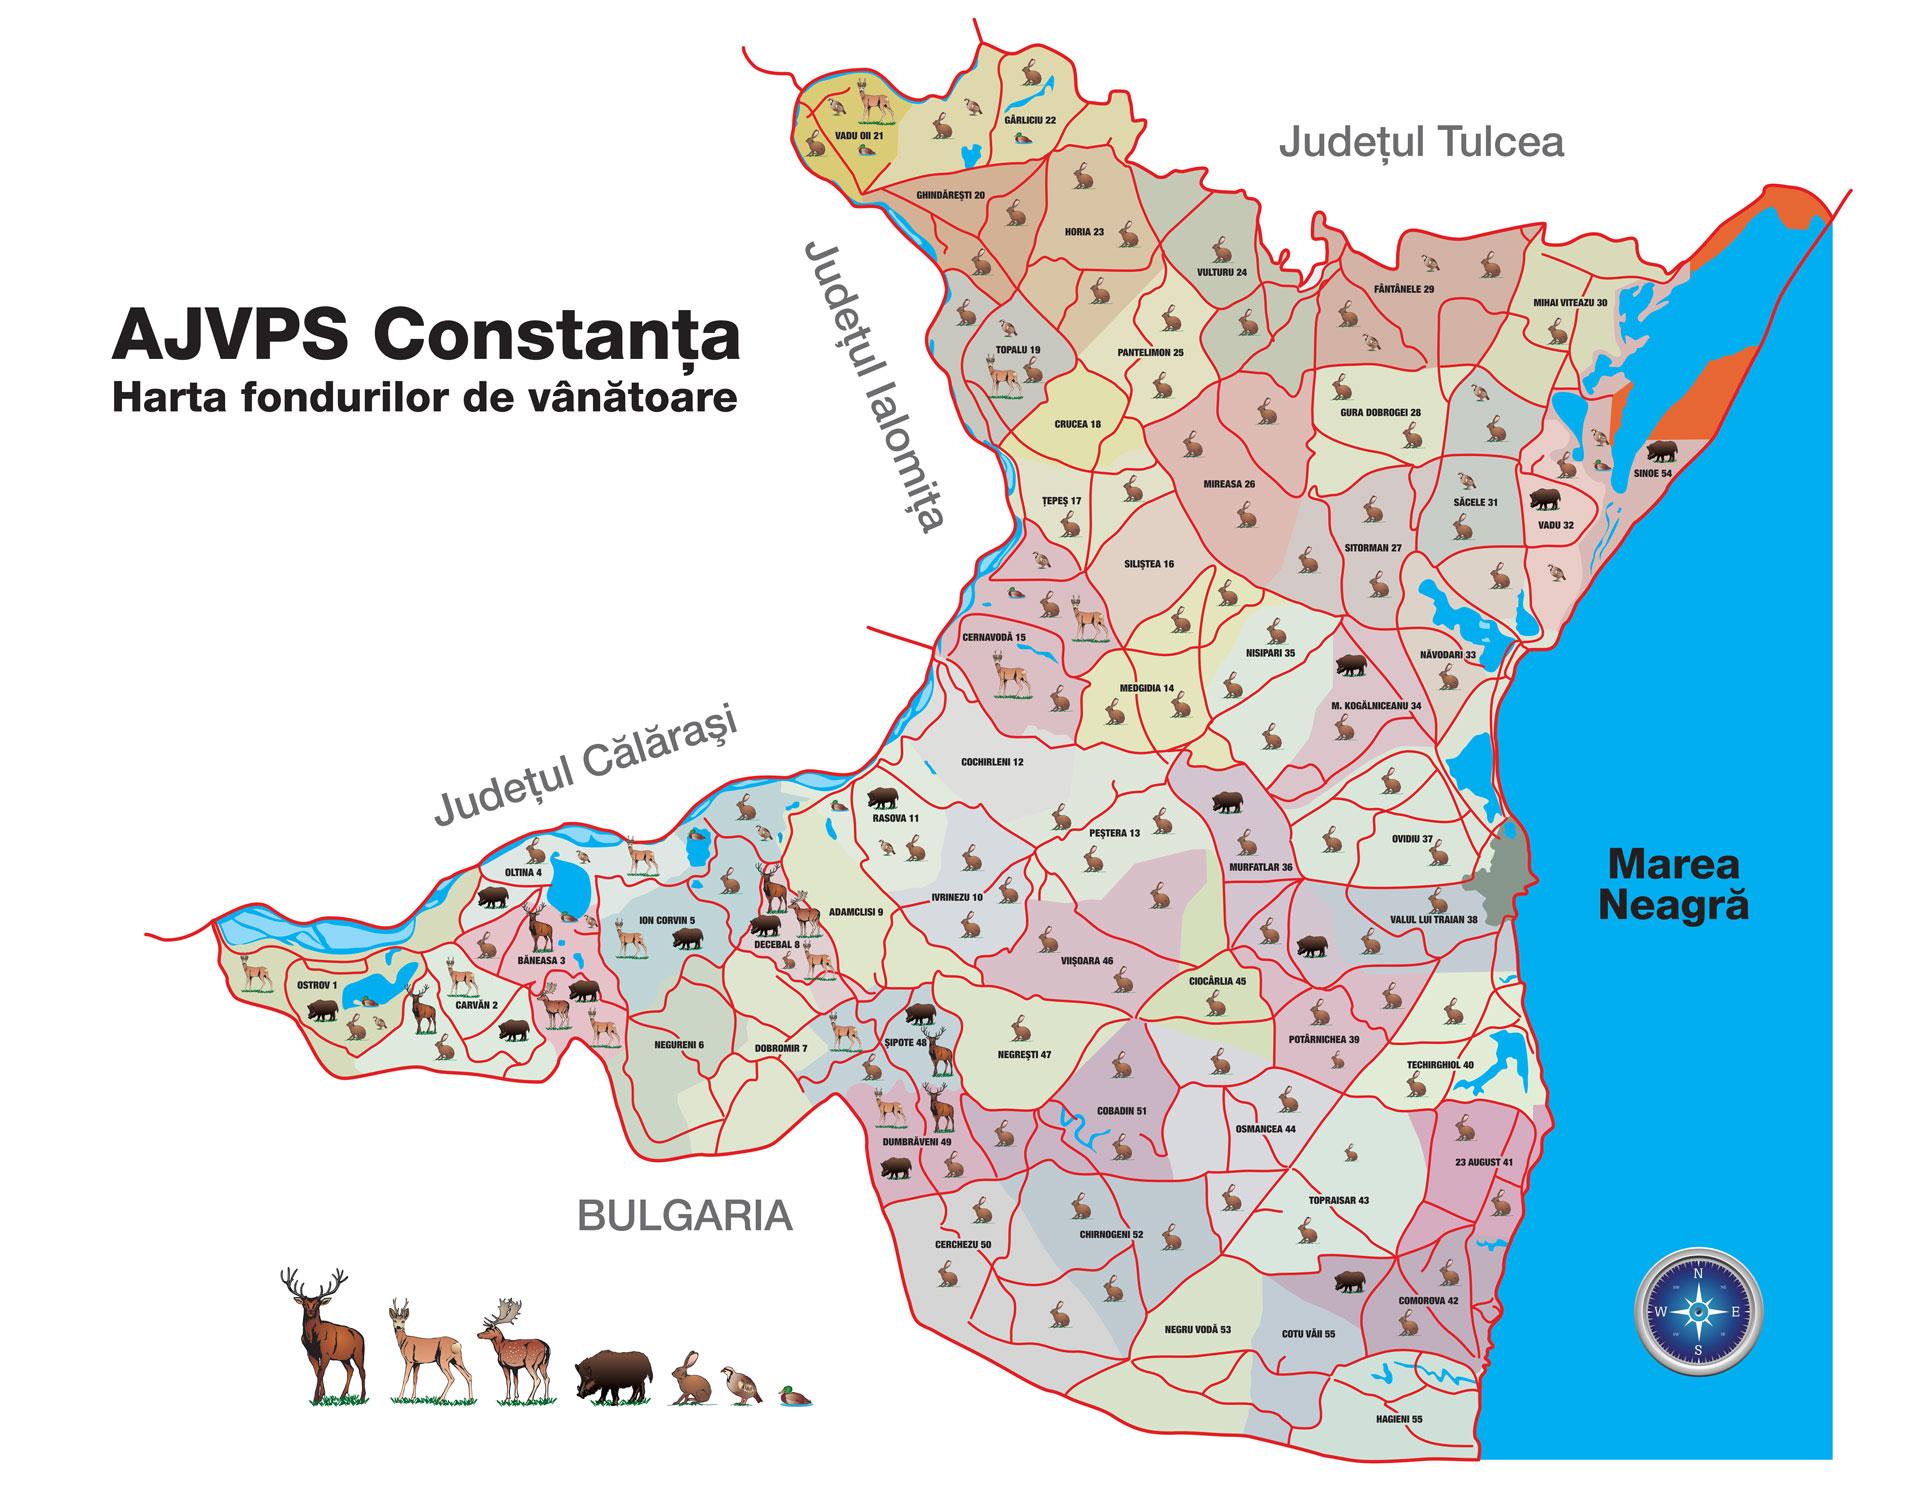 harta fonduri de vanatoare - AJVPS Constanta